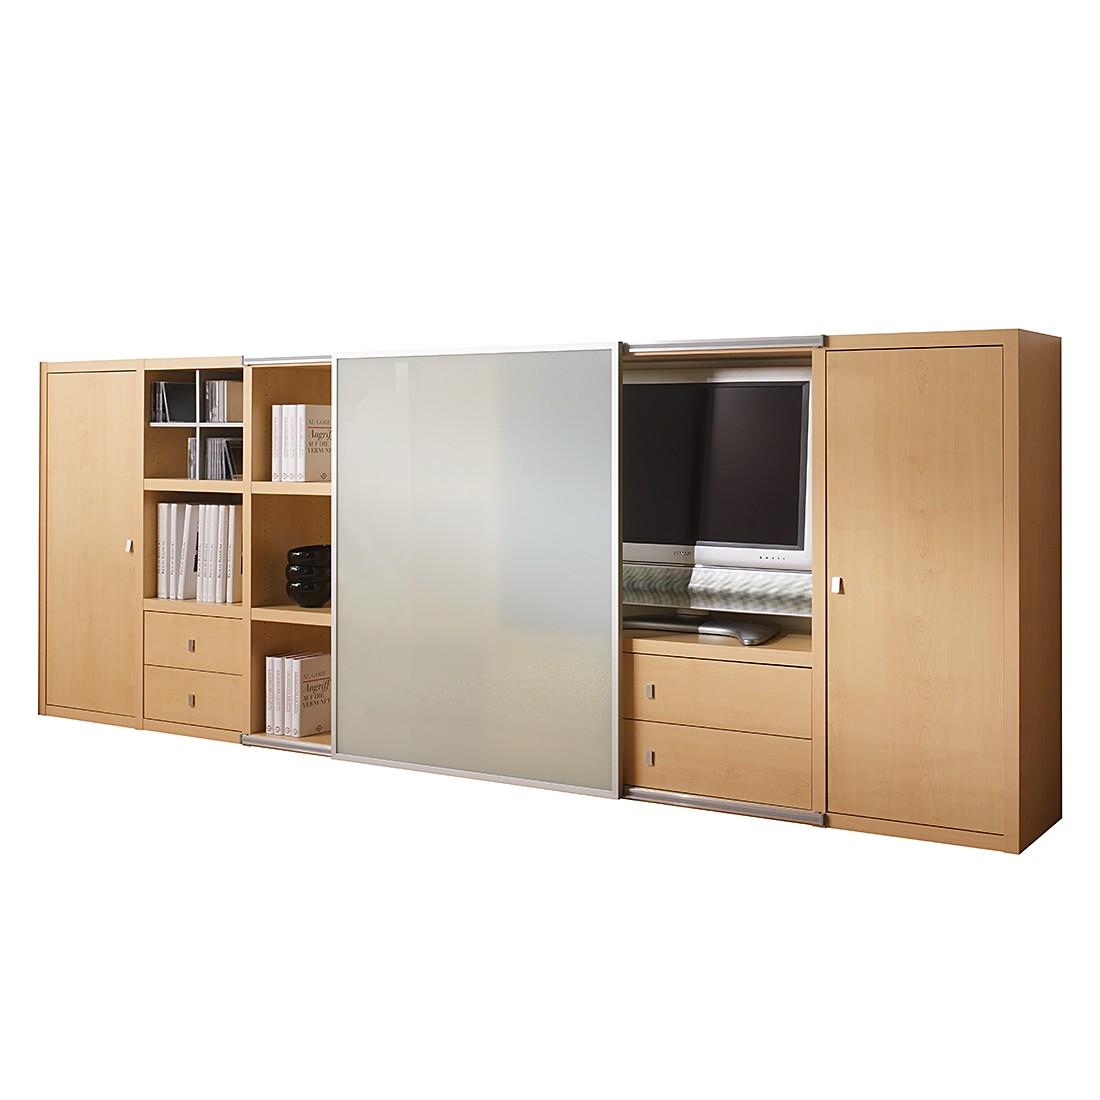 Sideboard Emporior I